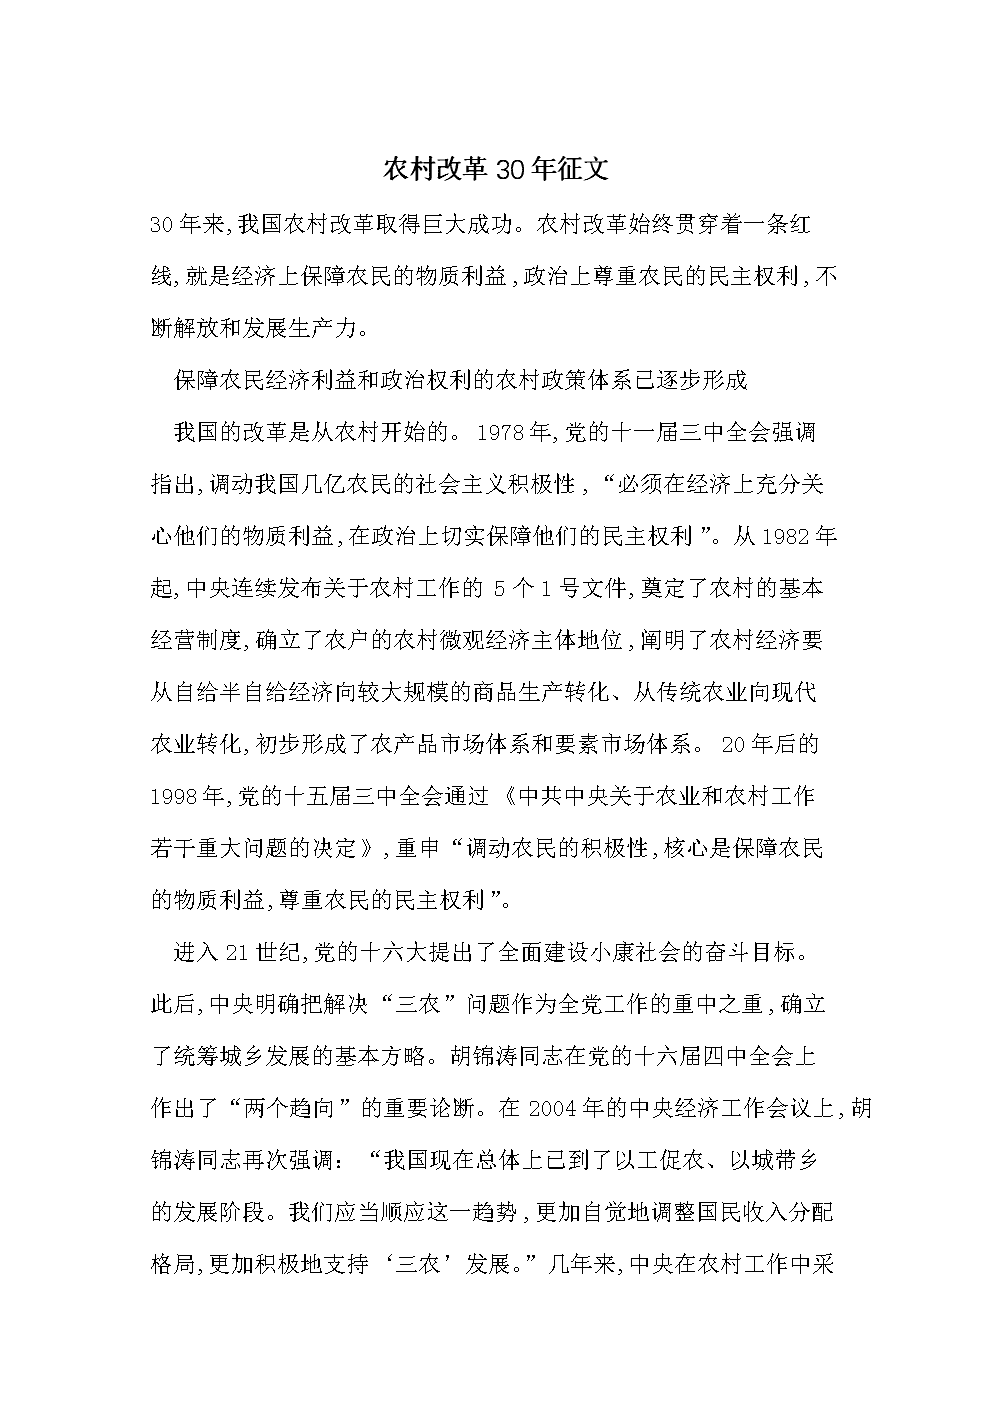 农村改革30年征文-汇总.doc